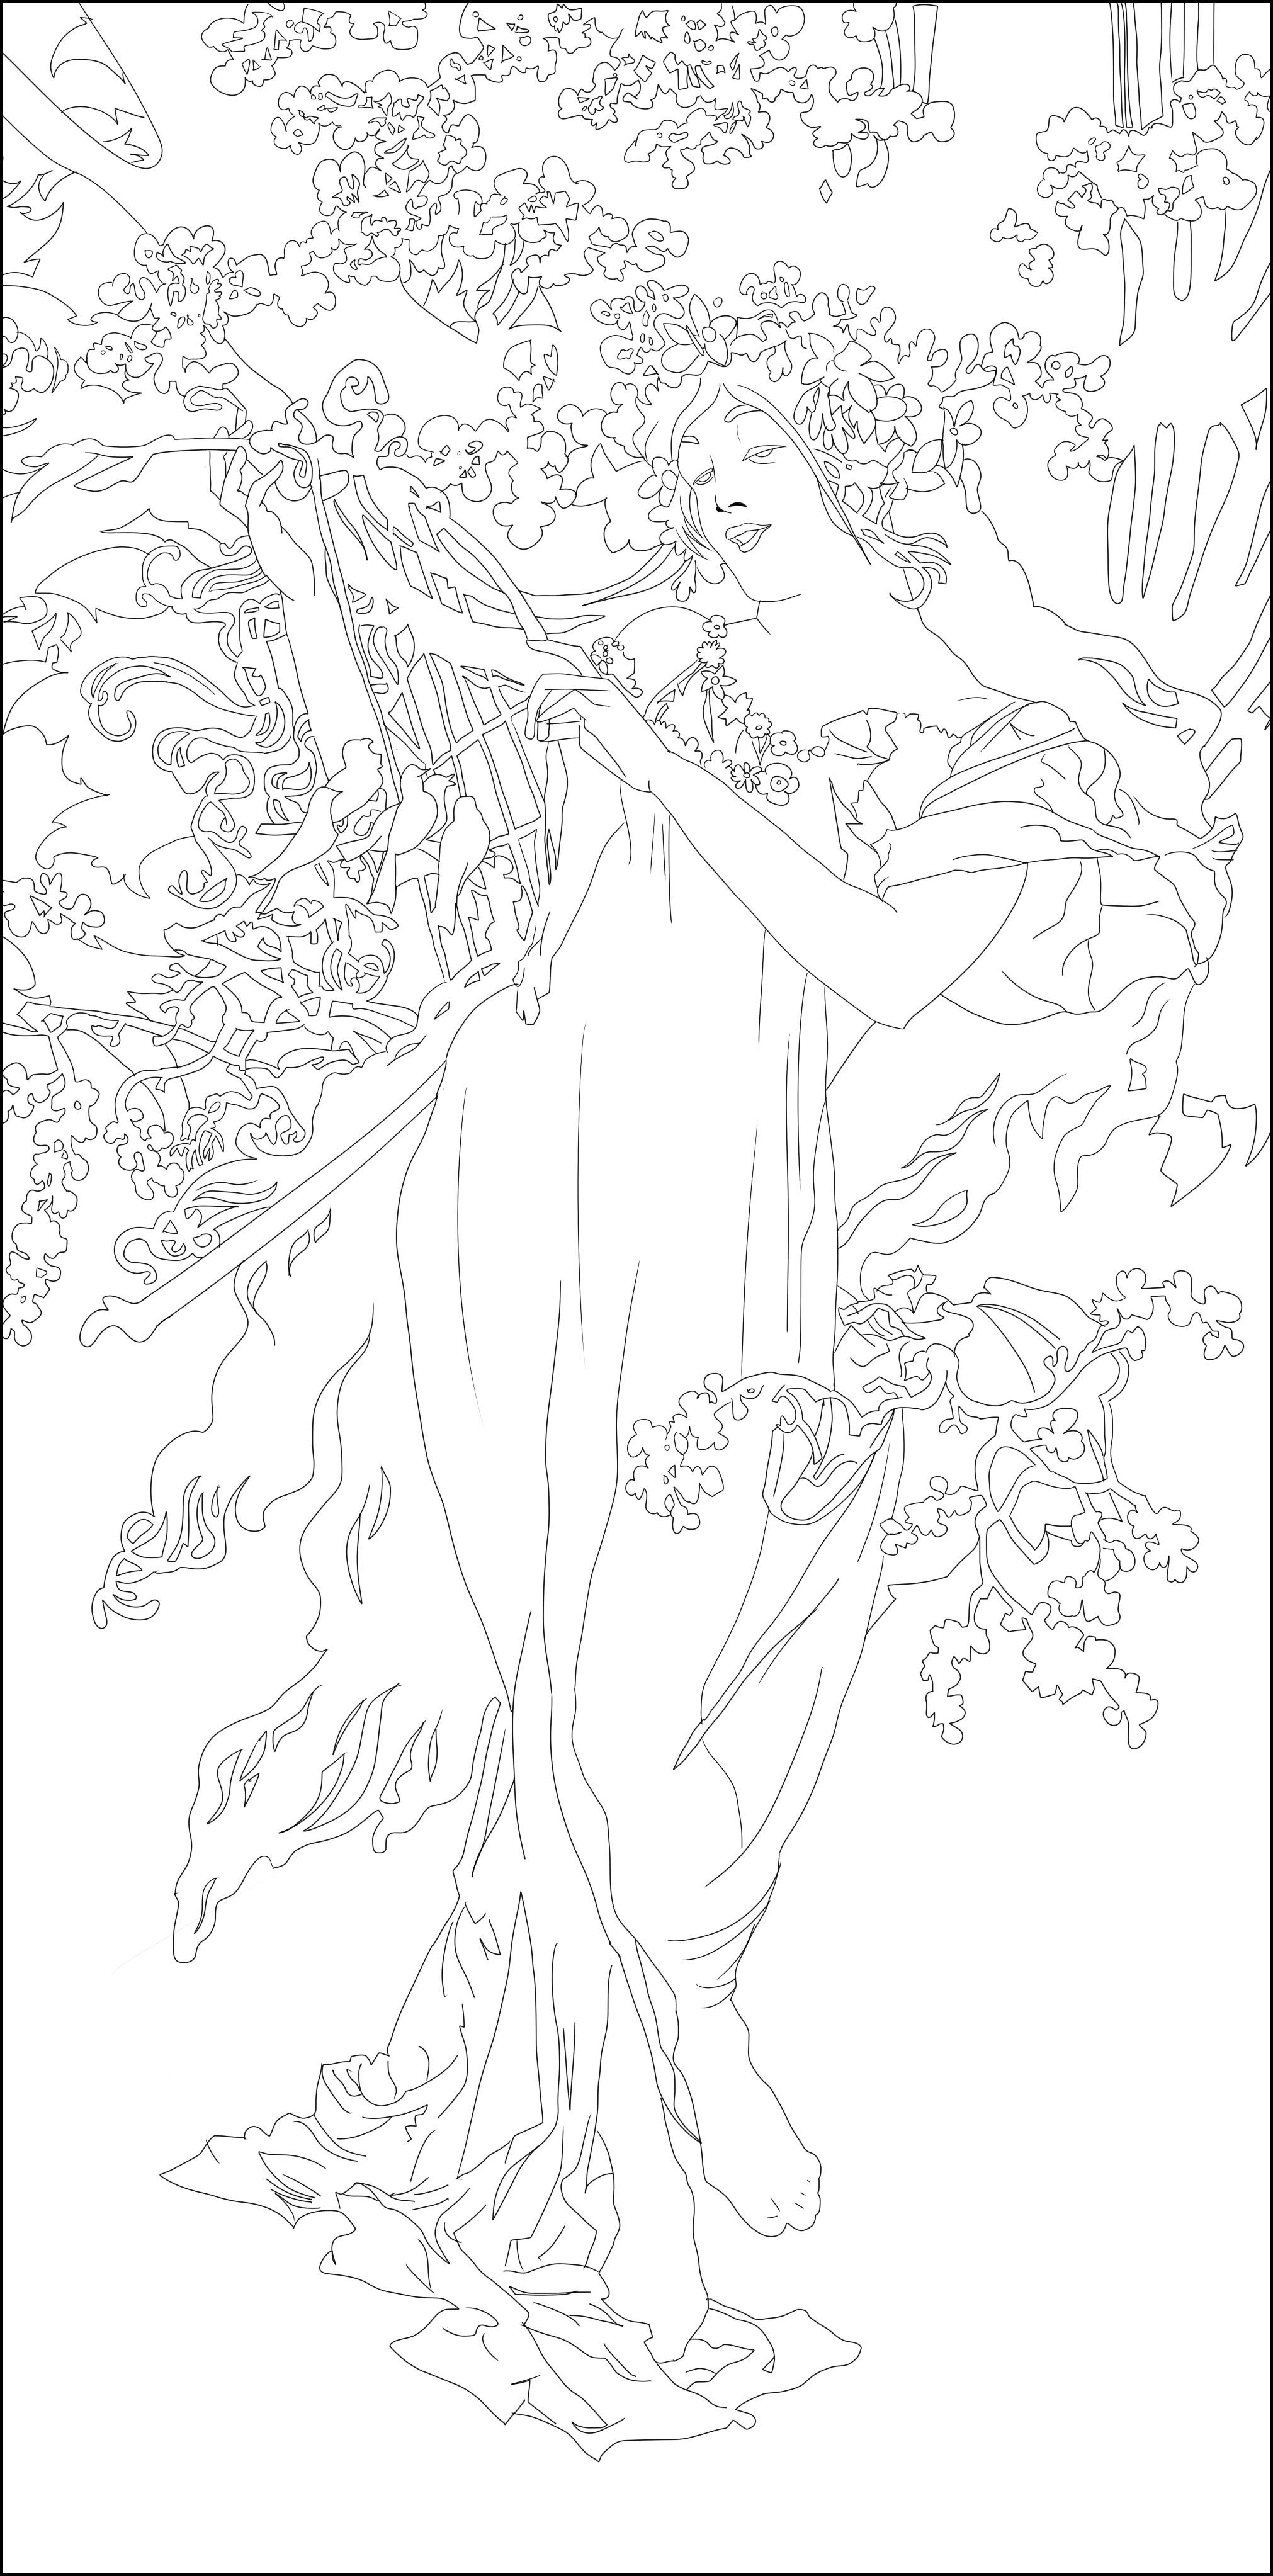 Disegni da colorare per adulti : Art nouveau - 26